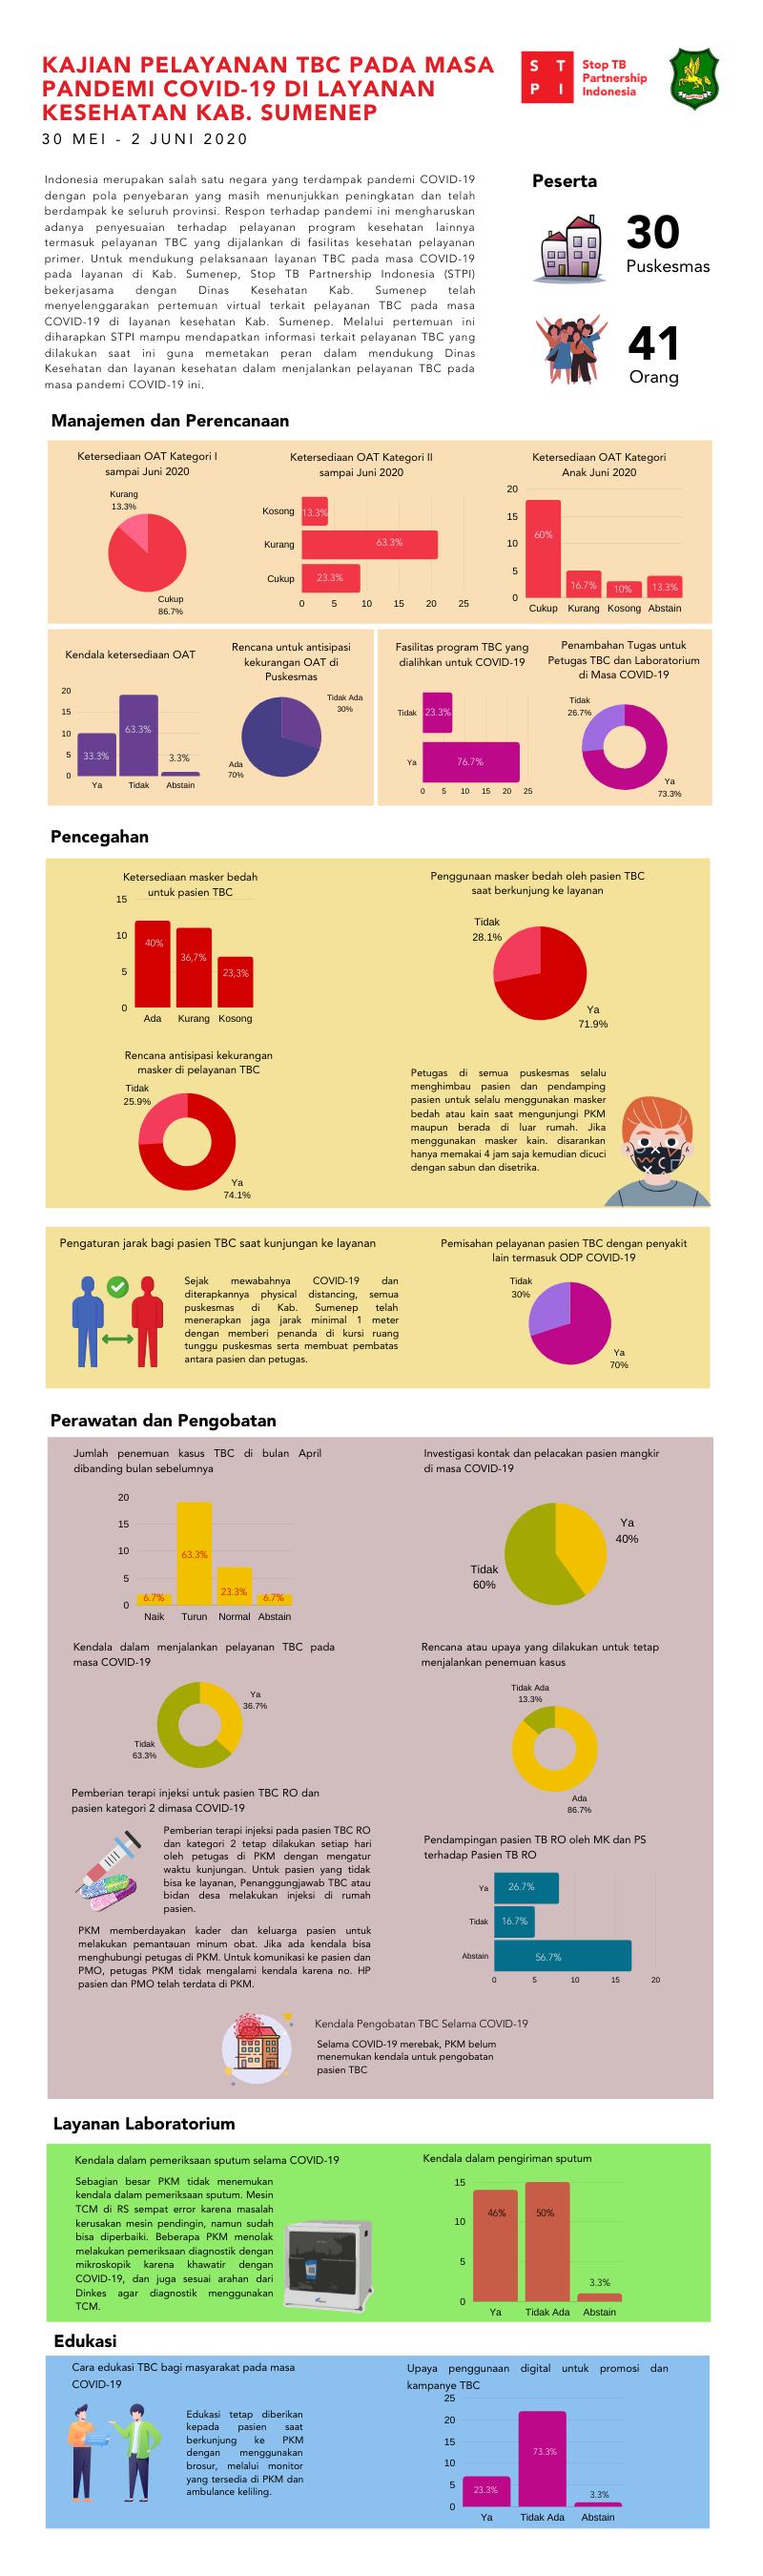 Kajian Pelayanan TBC pada Masa Pandemi COVID-19 di Layanan Kesehatan Kabupaten Sumenep